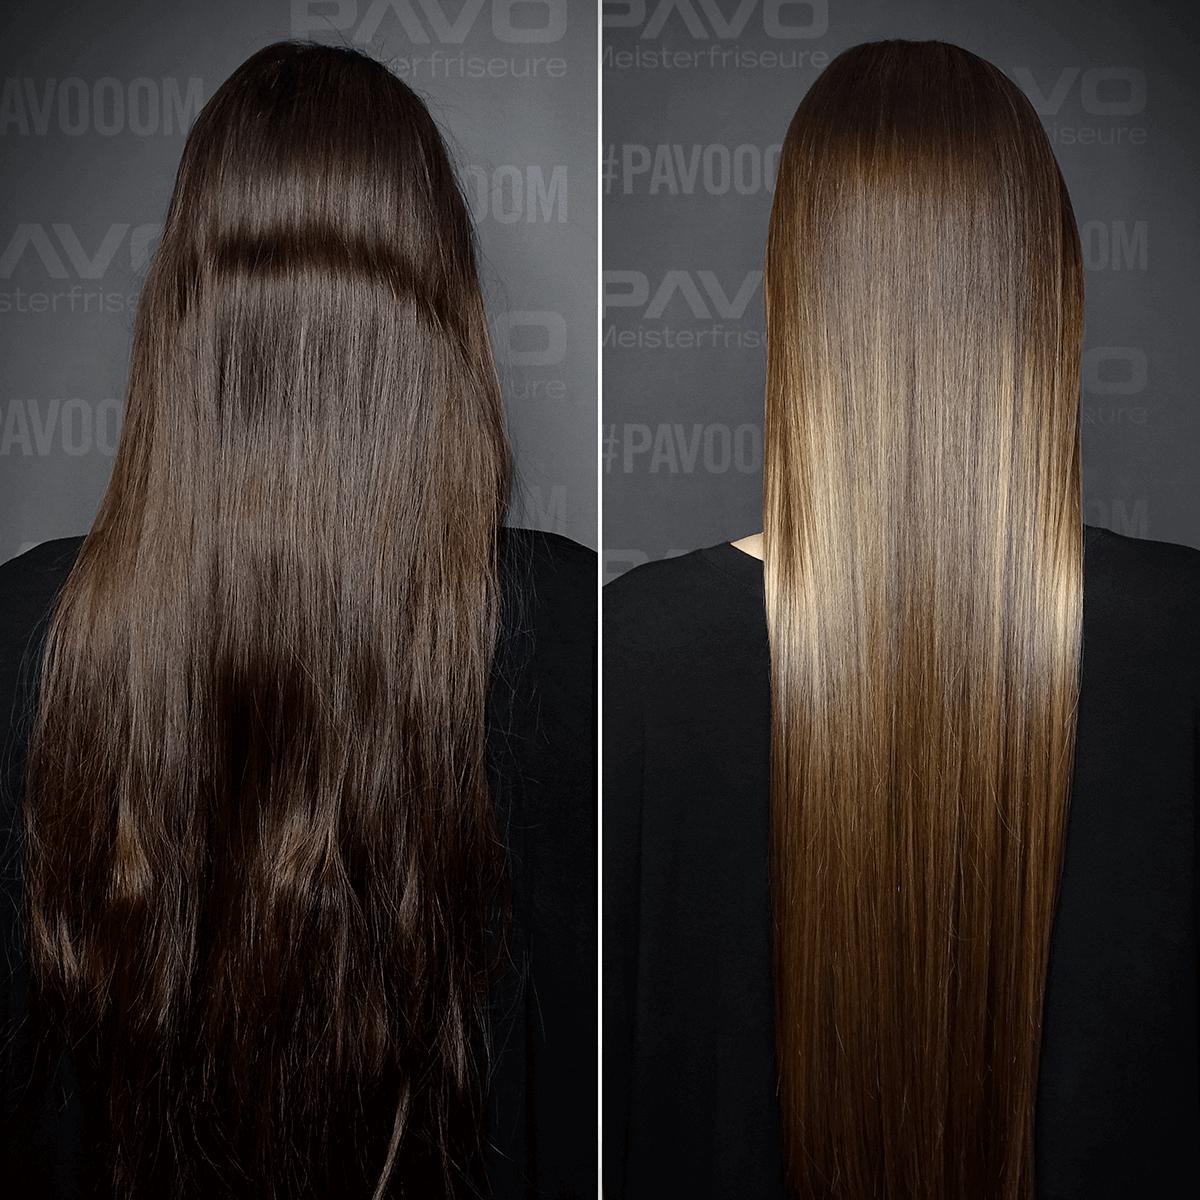 Frisuren Archive Guter Friseur In Essen Pavo Friseure